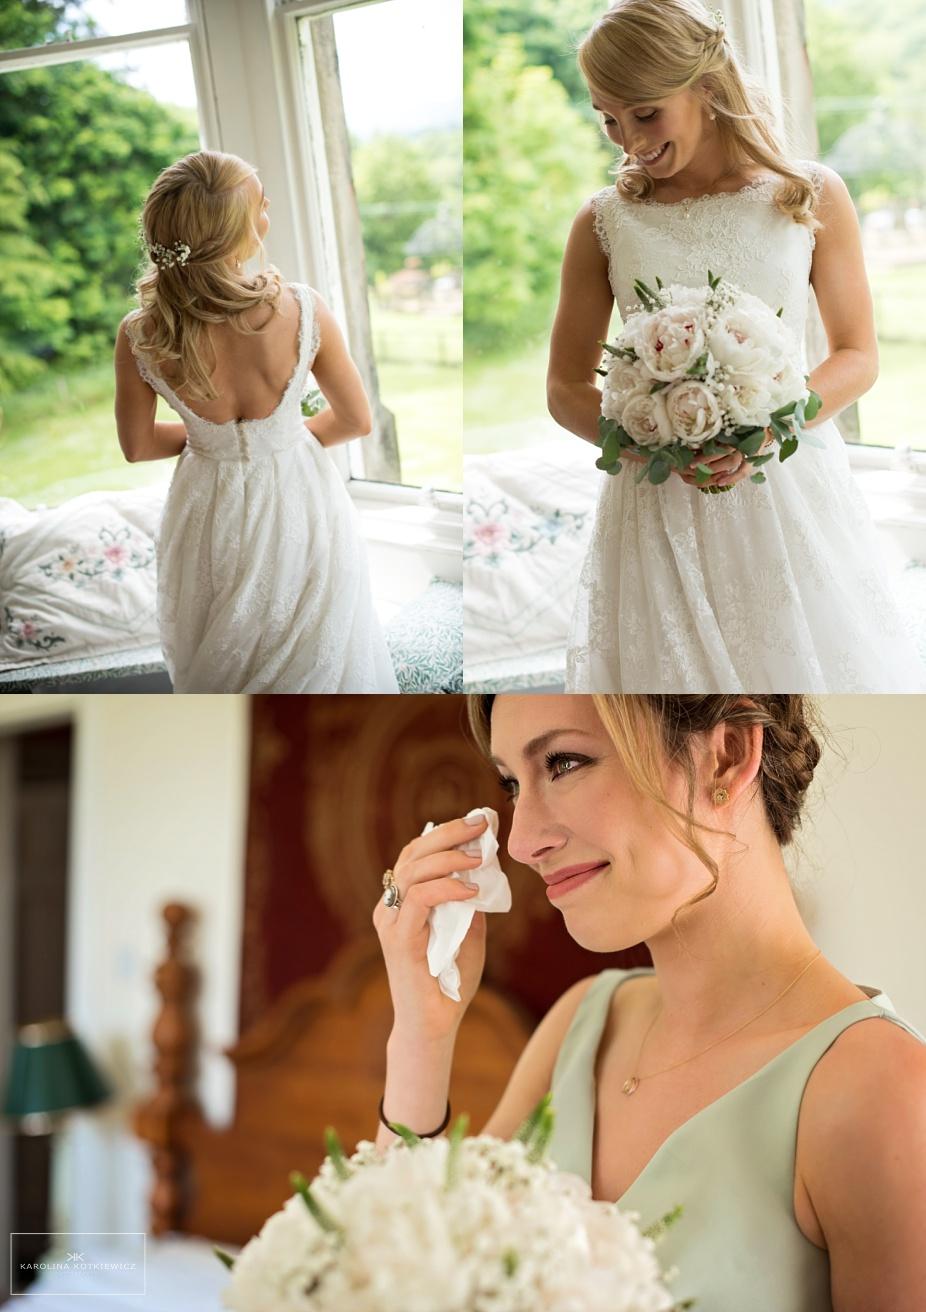 030_Glencourse House wedding photos